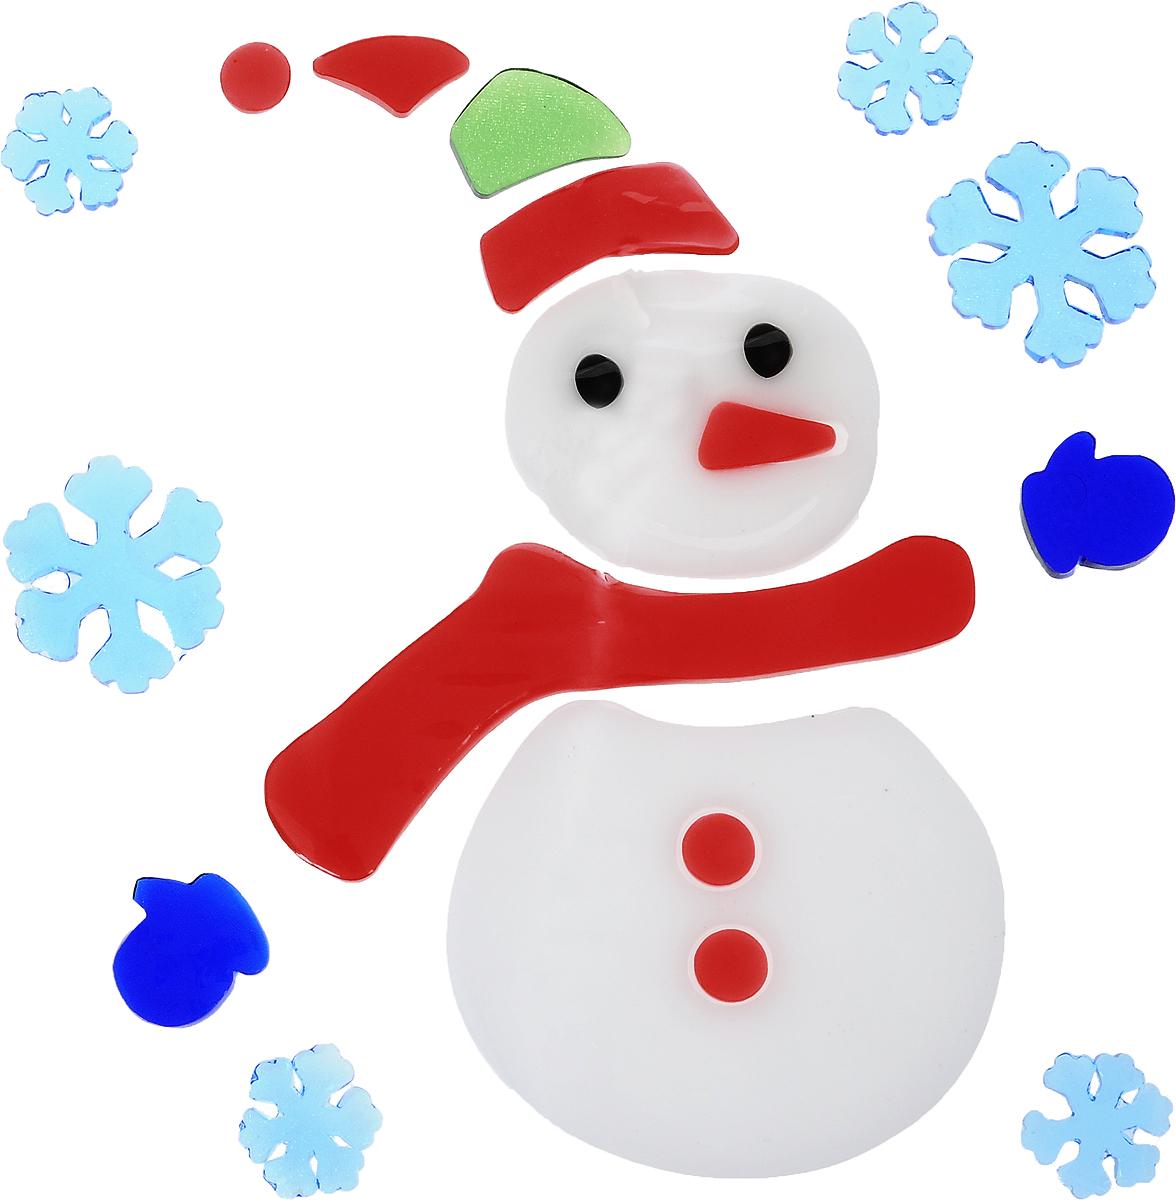 Украшение новогоднее оконное Winter Wings Новый год, 20 х 20 смN09302Новогоднее оконное украшение Winter Wings Новый год выполнено из ПВХ в виде снеговика и снежинок.С помощью гелевой наклейки можно составлять на стекле или зеркале целые зимние сюжеты, которые будут радовать глаз, и поднимать настроение в праздничные дни! Так же вы можете преподнести этот сувенир в качестве мини-презента коллегам, близким и друзьям с пожеланиями счастливого Нового года!